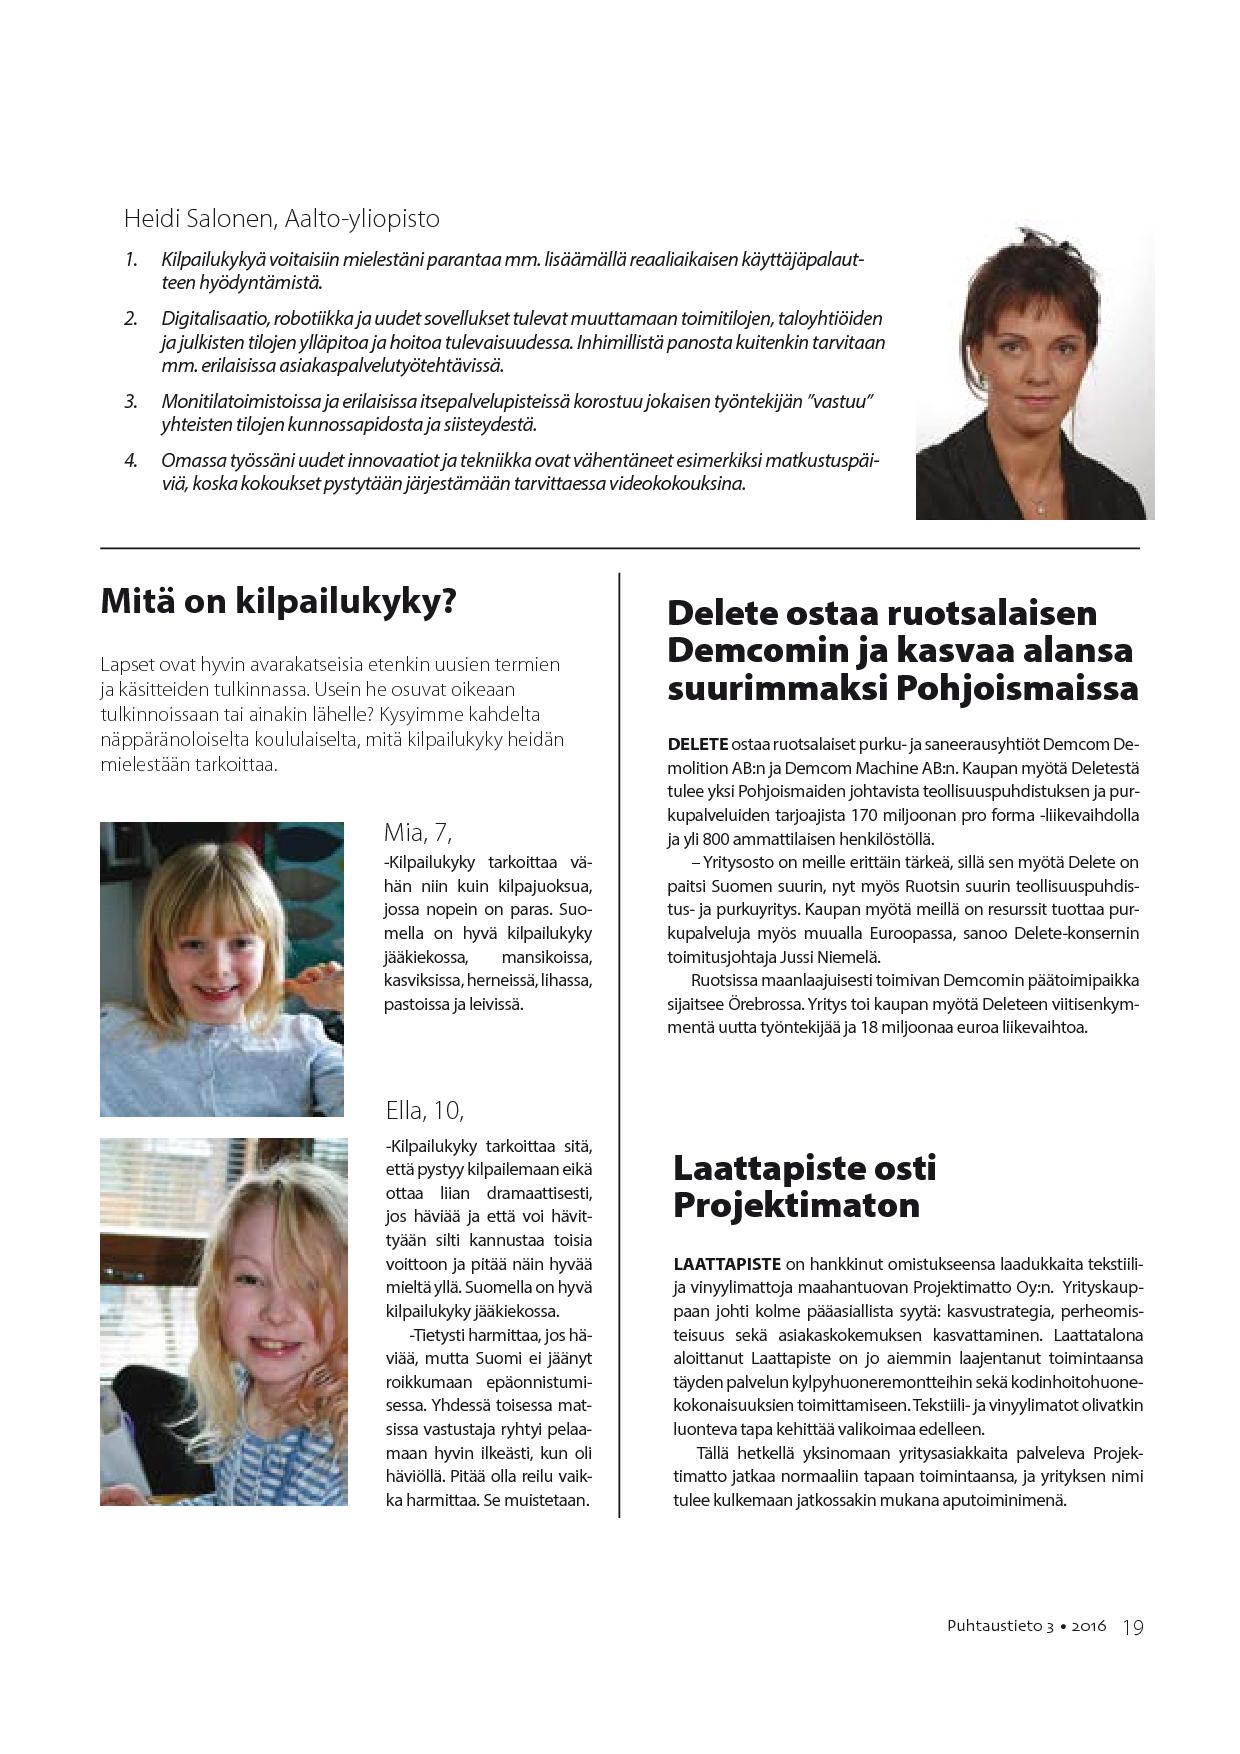 Tekniikan akateemiset TEK, Helsinki, Finland.